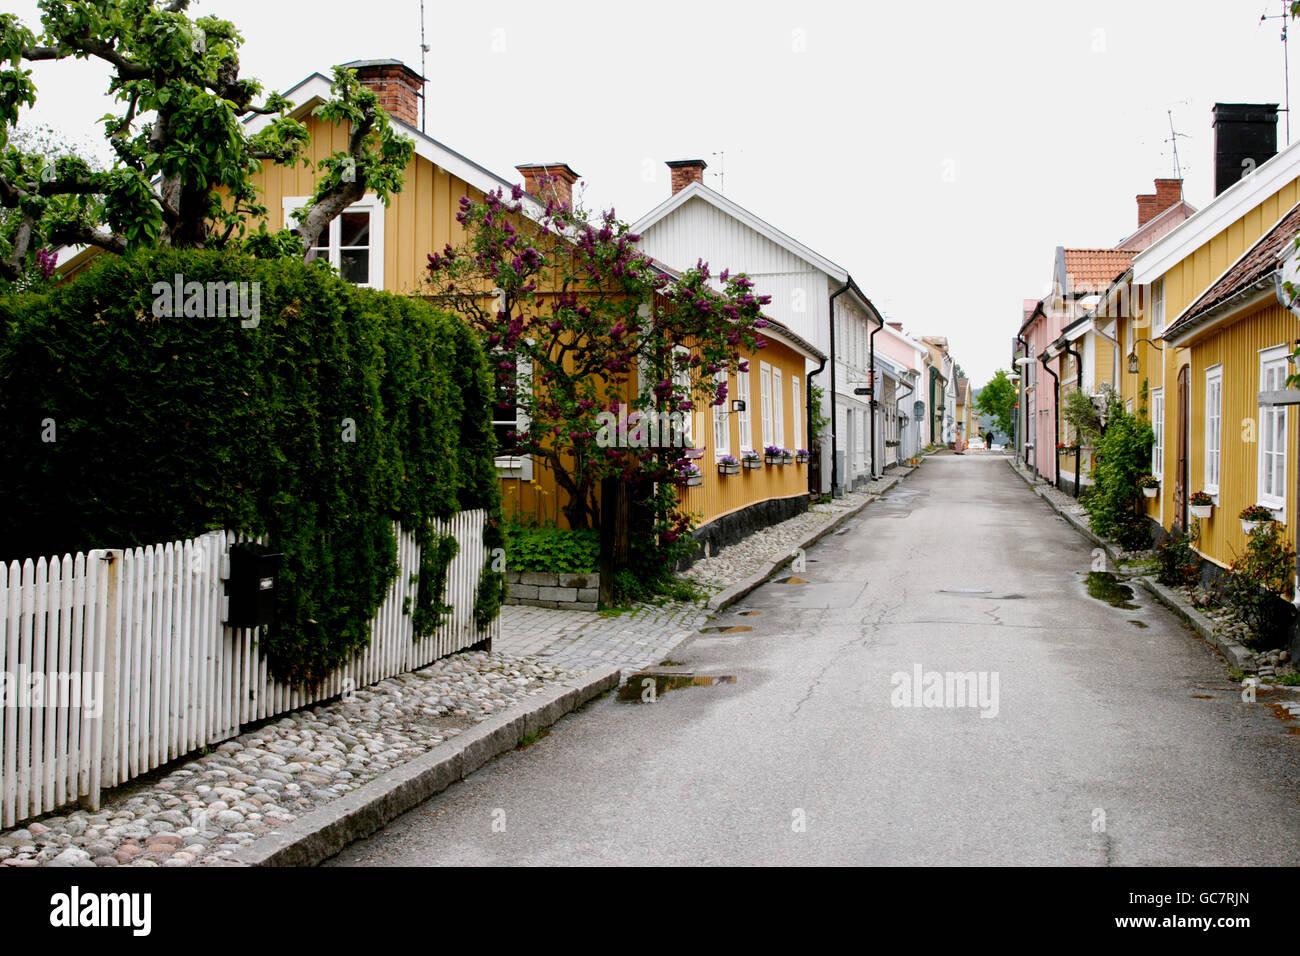 Calle bordeada de casas de madera Imagen De Stock